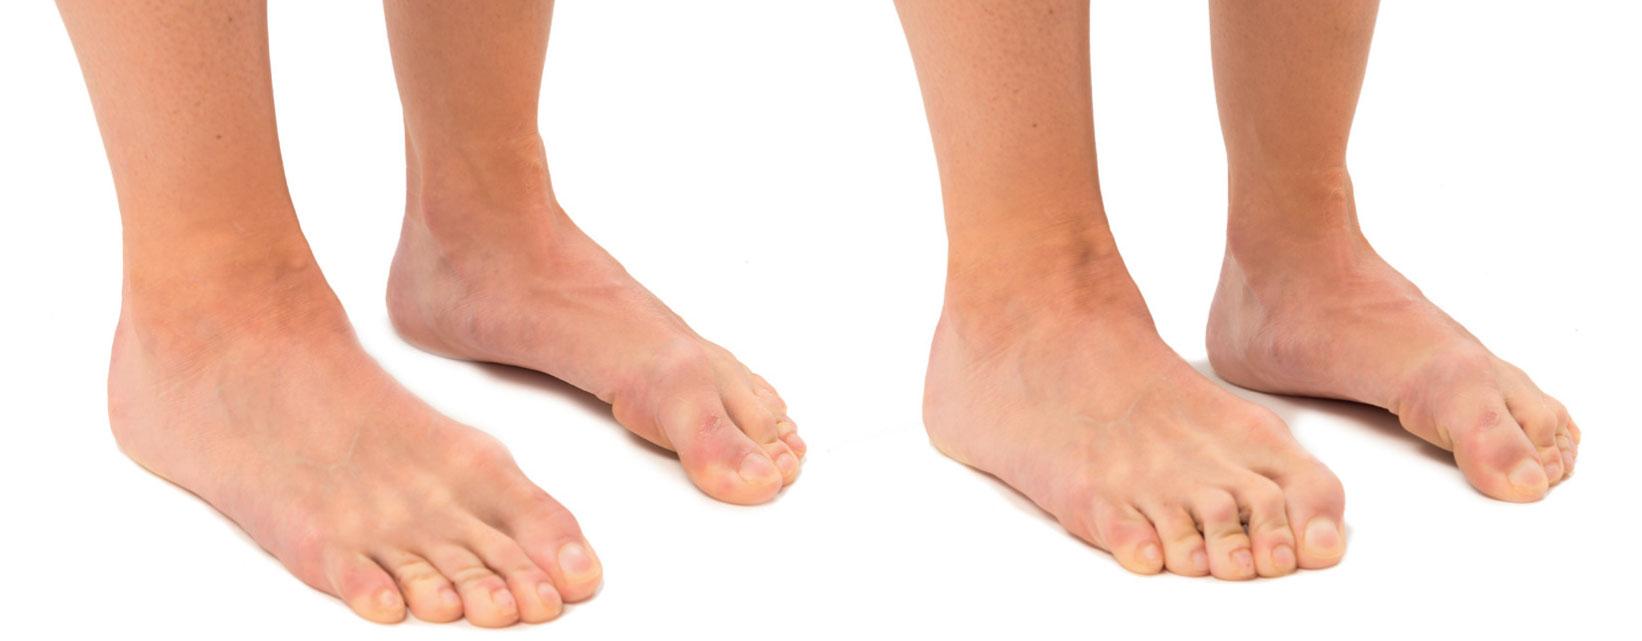 25f21d4f1f3 Glöm inte fötterna på träningen! | SISU Idrottsböcker